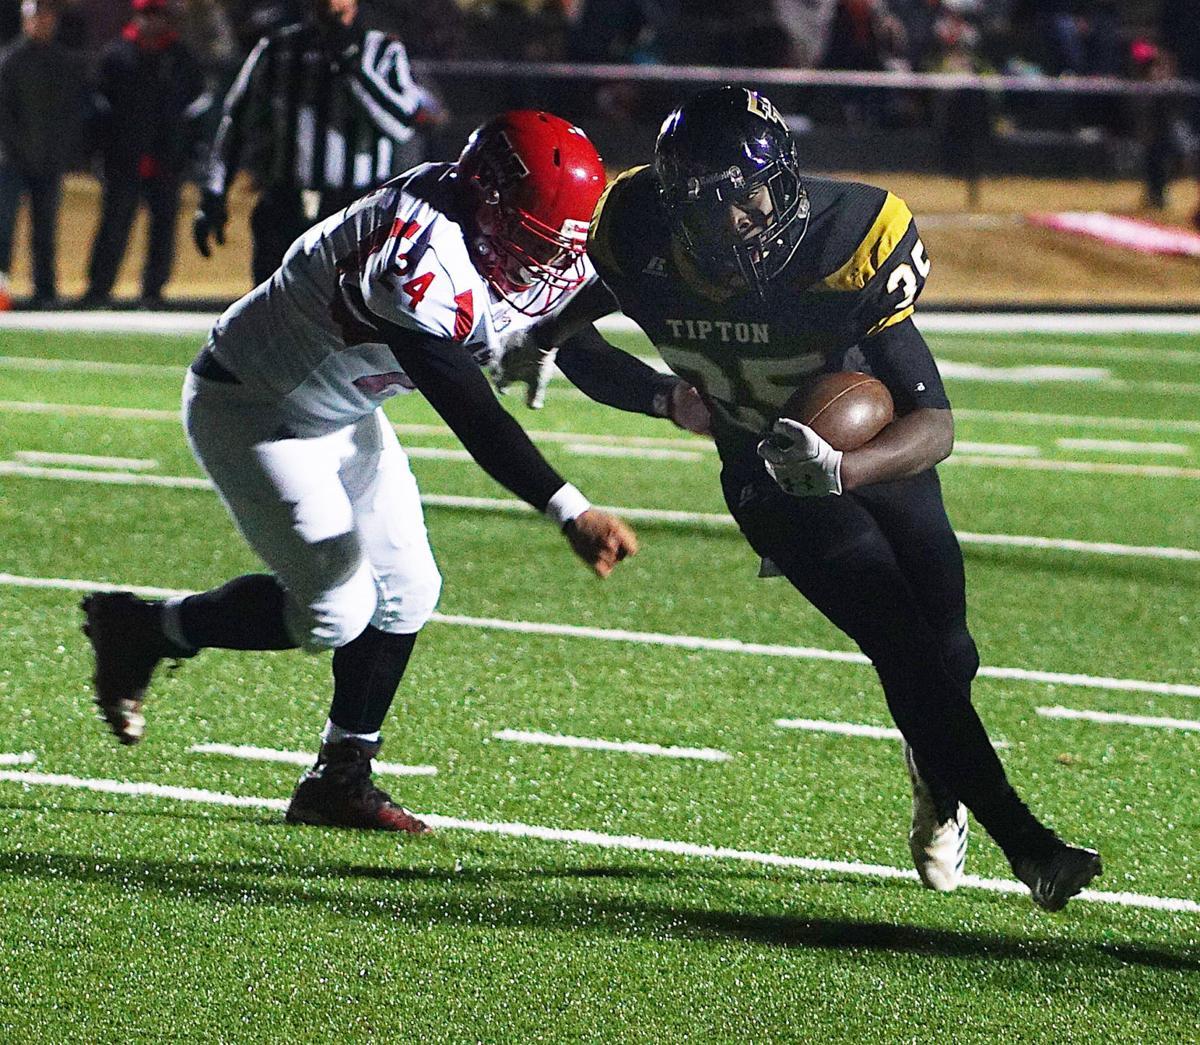 Tipton touchdown